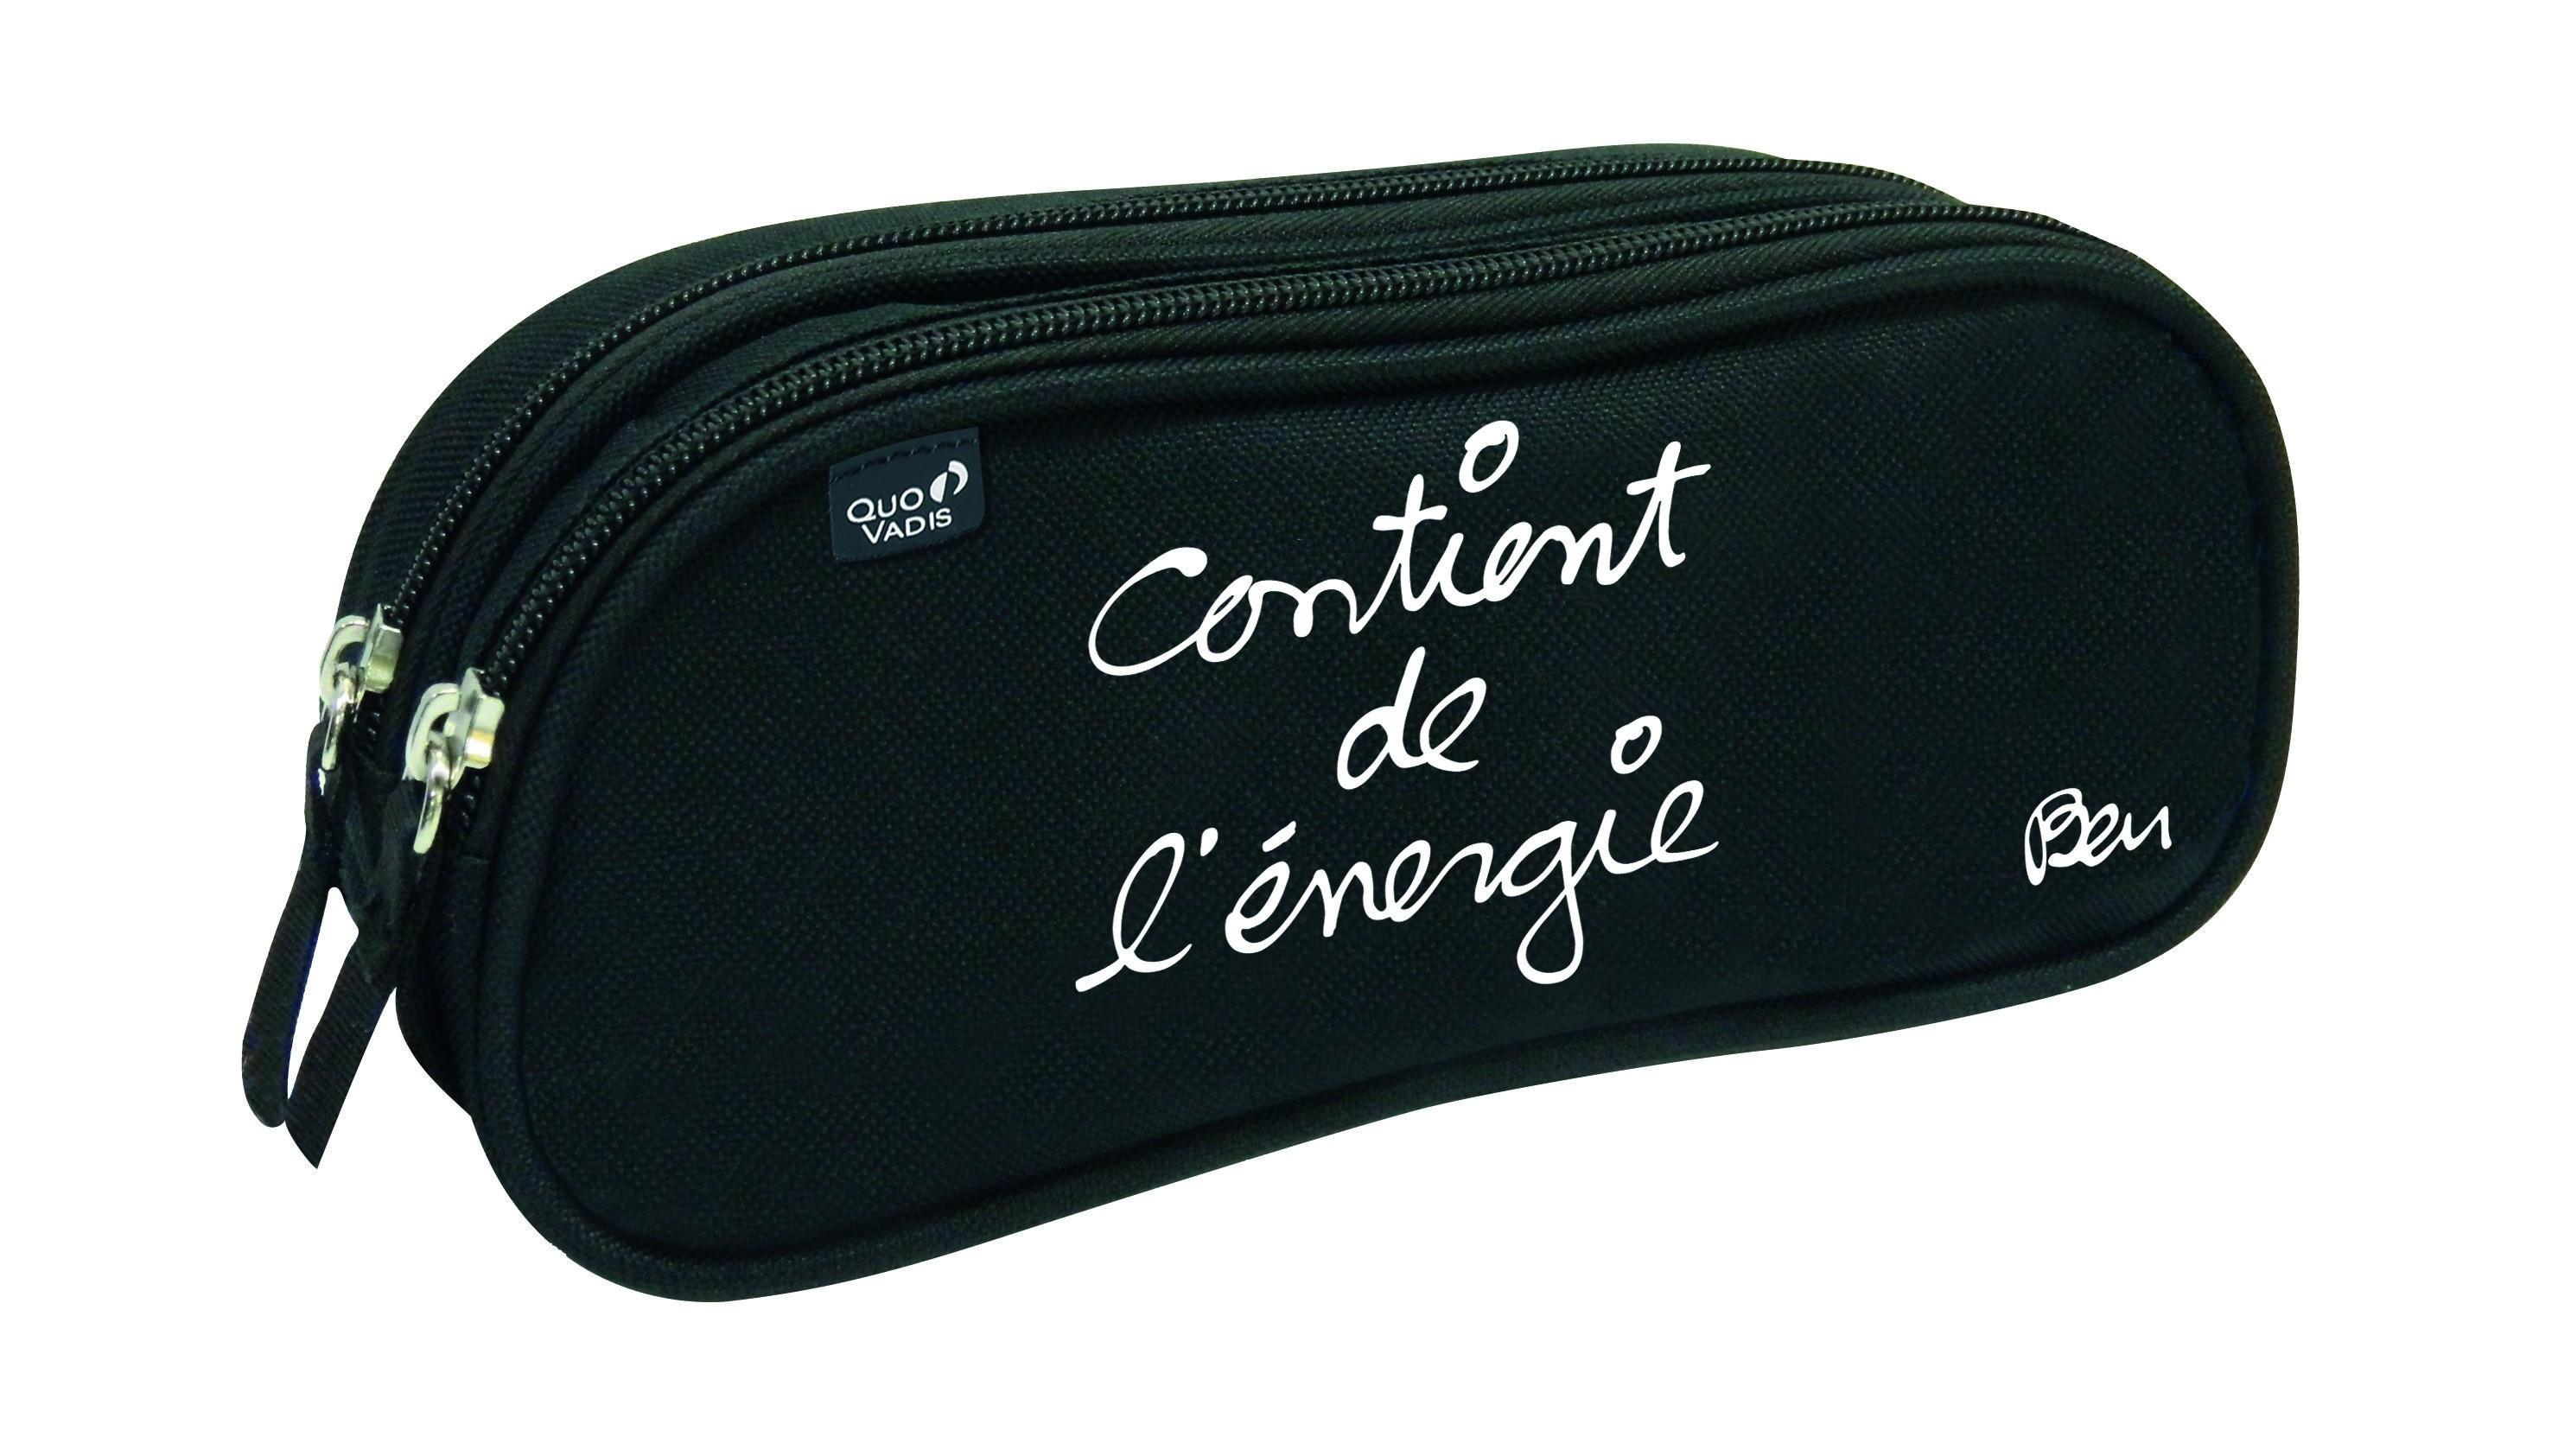 Ben - Trousse 2 compartiments - différents modèles disponibles - Quo Vadis